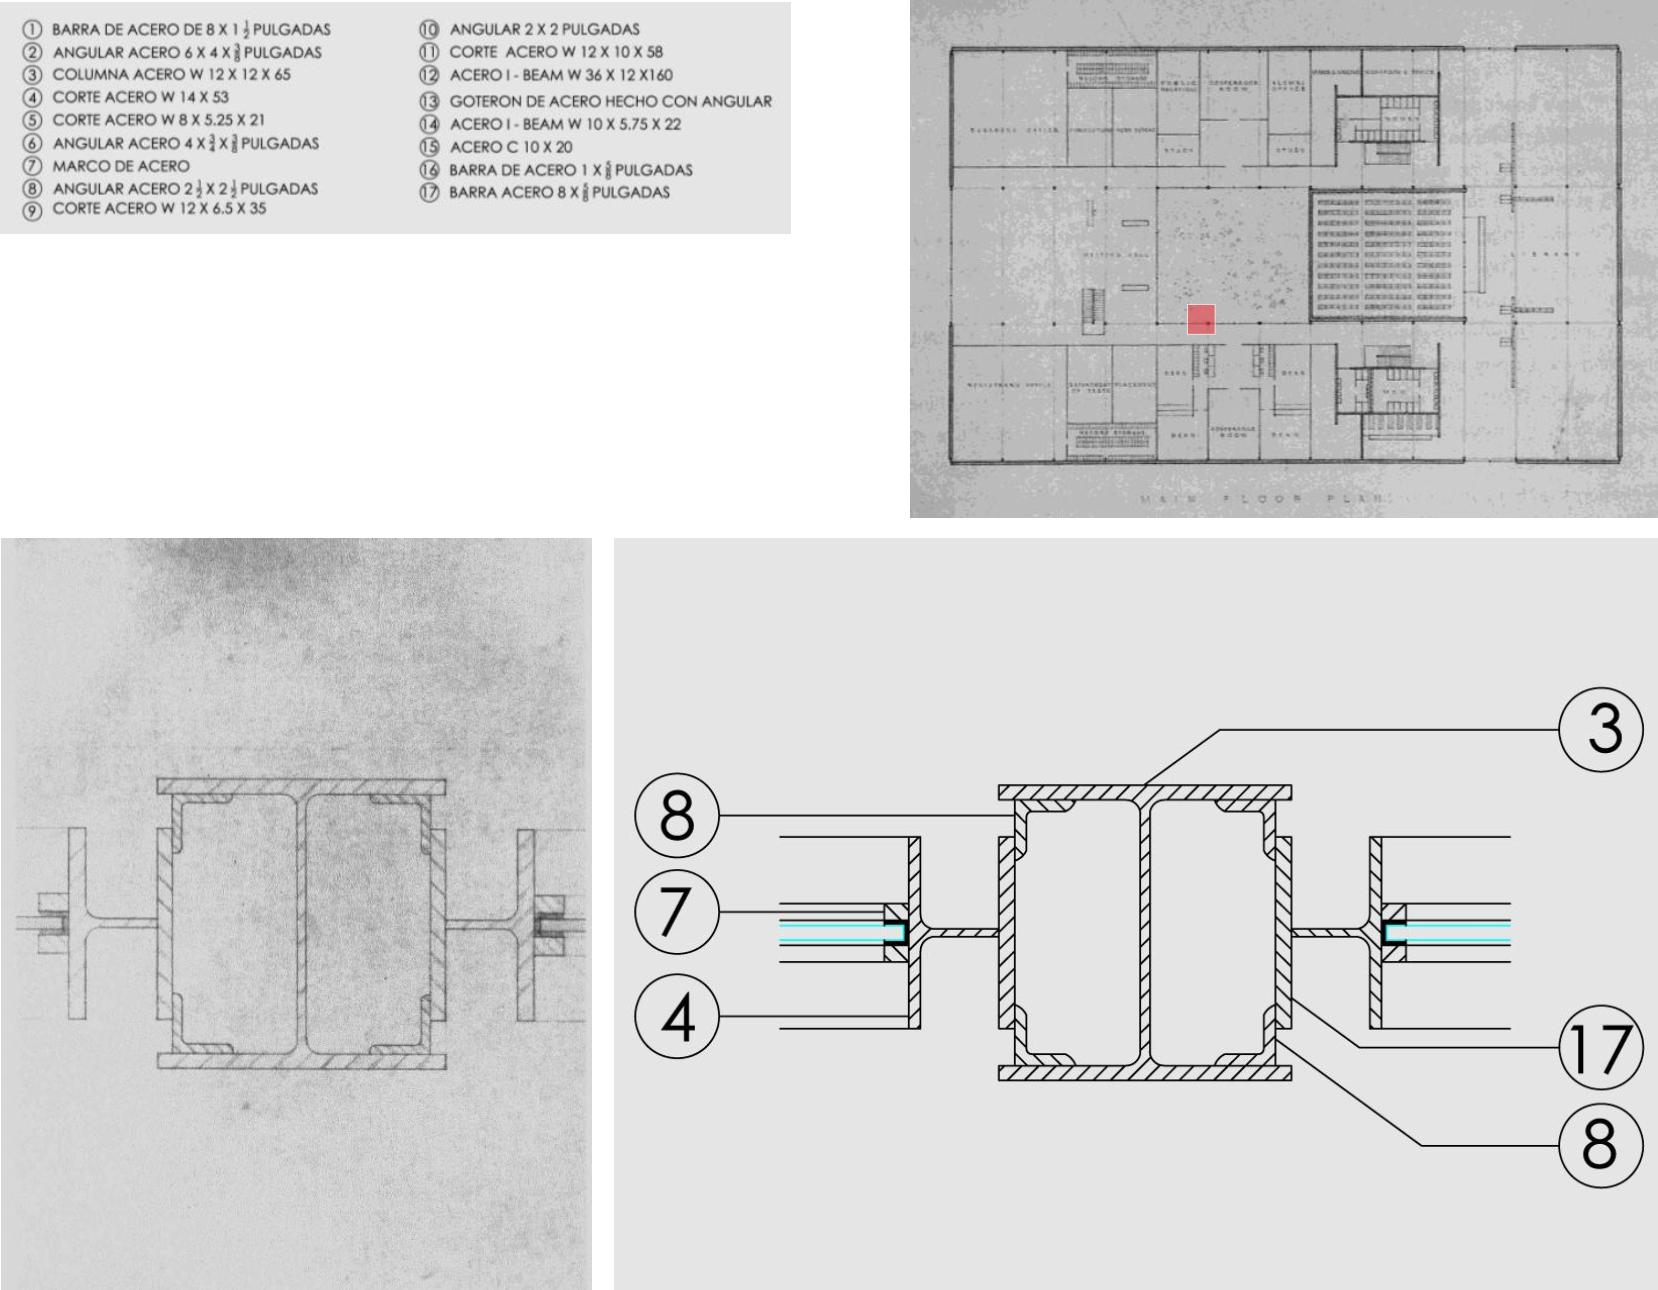 Vistoso 8 X 5 Marco Ideas - Ideas Personalizadas de Marco de Imagen ...